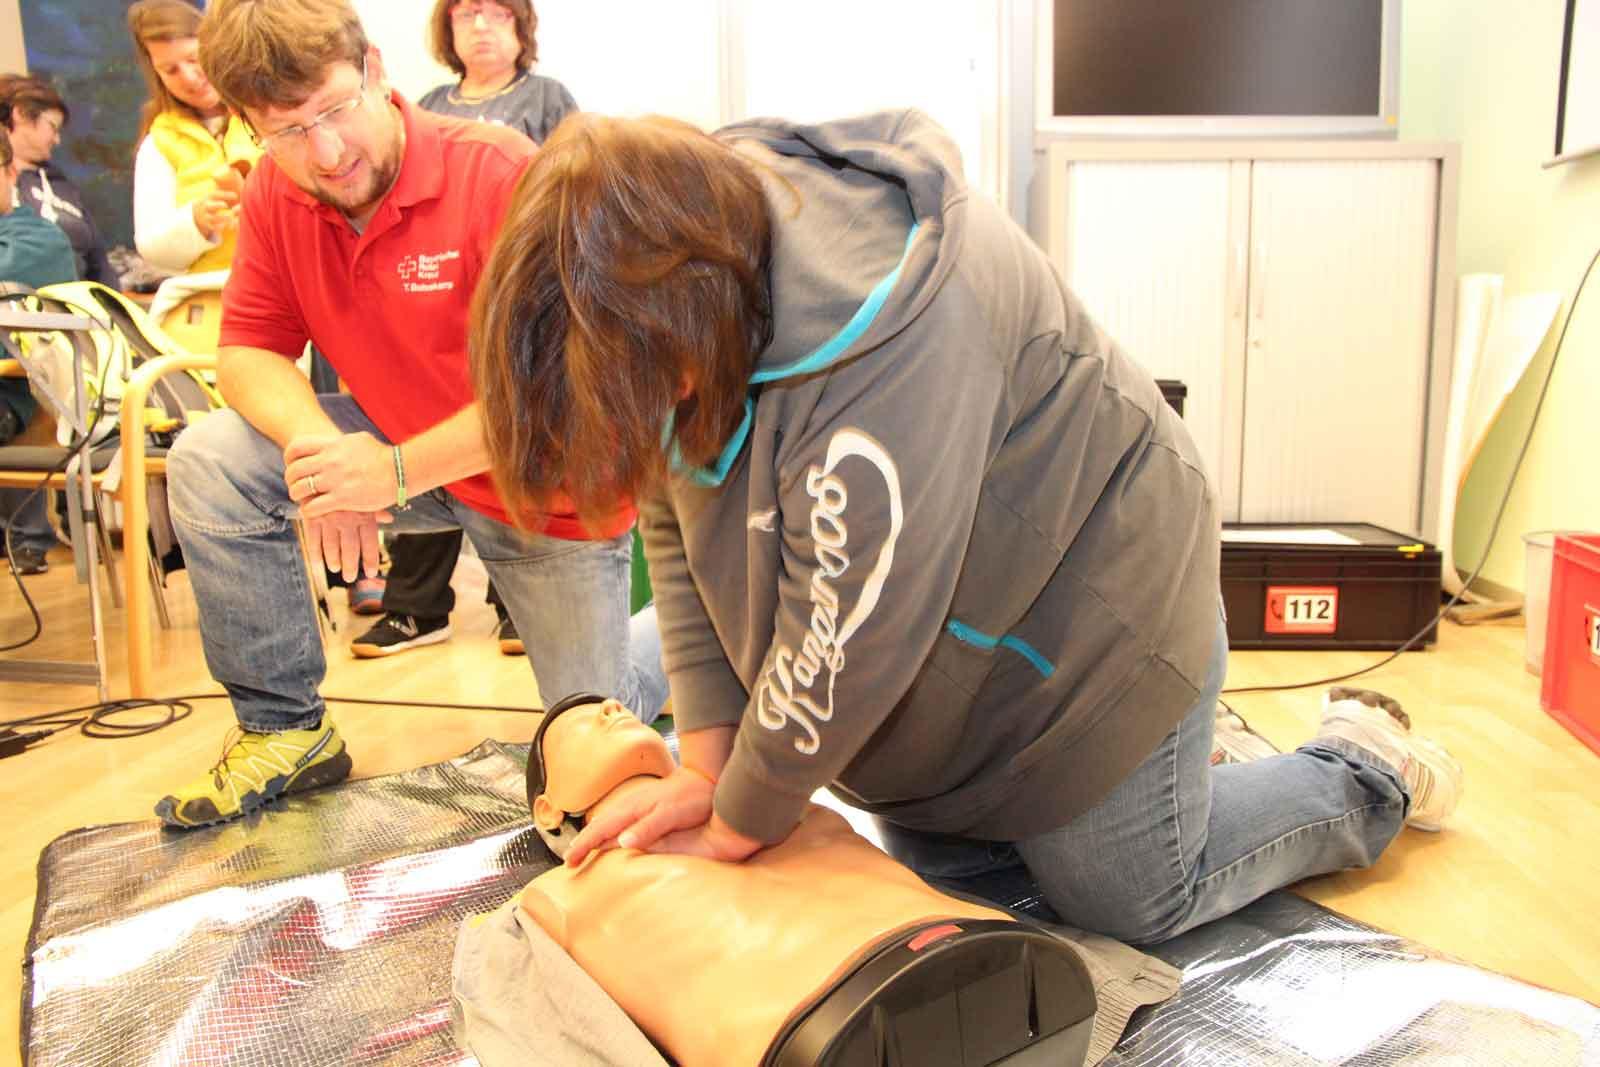 ... Larissa Onofrasch stellte insbesondere bei der Reanimationsübung fest, wie kraftraubend Erste Hilfe sein kann.